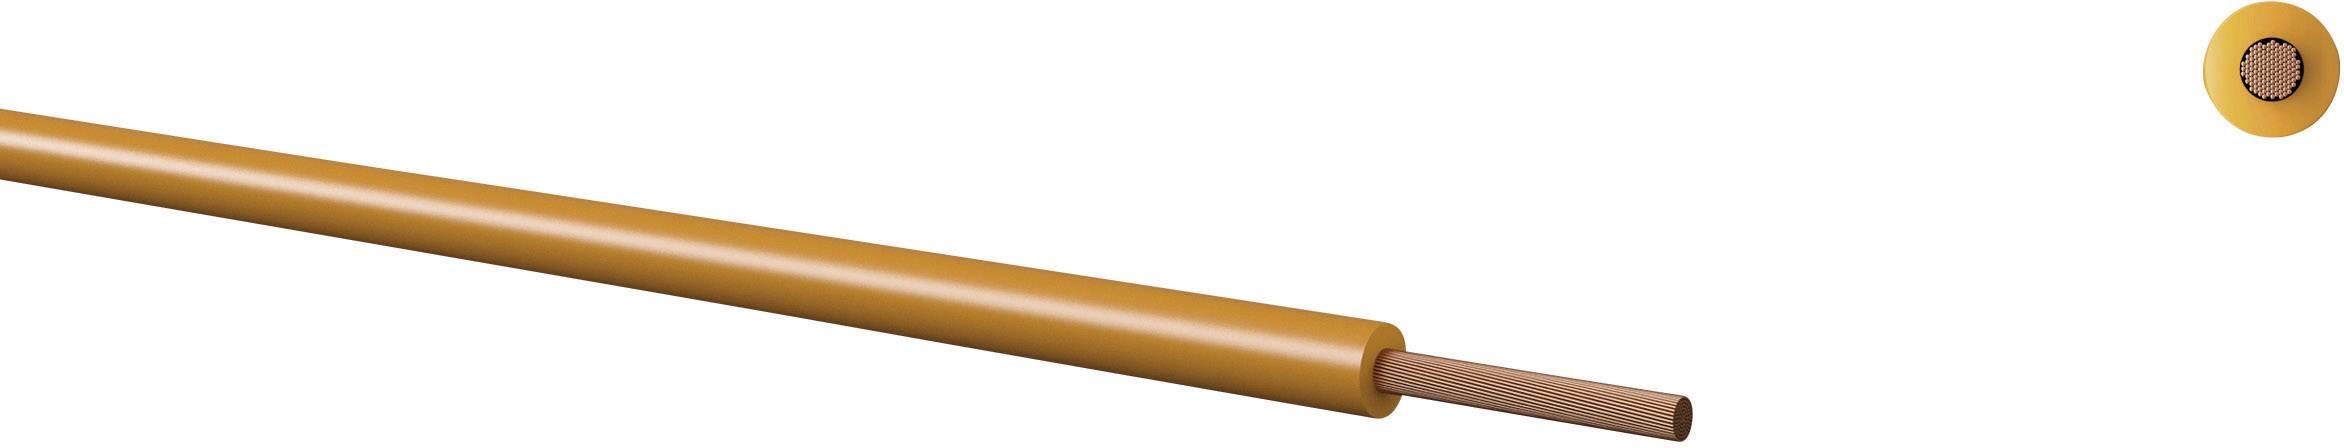 Opletenie / lanko Kabeltronik 160105004 LiFY, 1 x 0.50 mm², vonkajší Ø 2 mm, metrový tovar, žltá